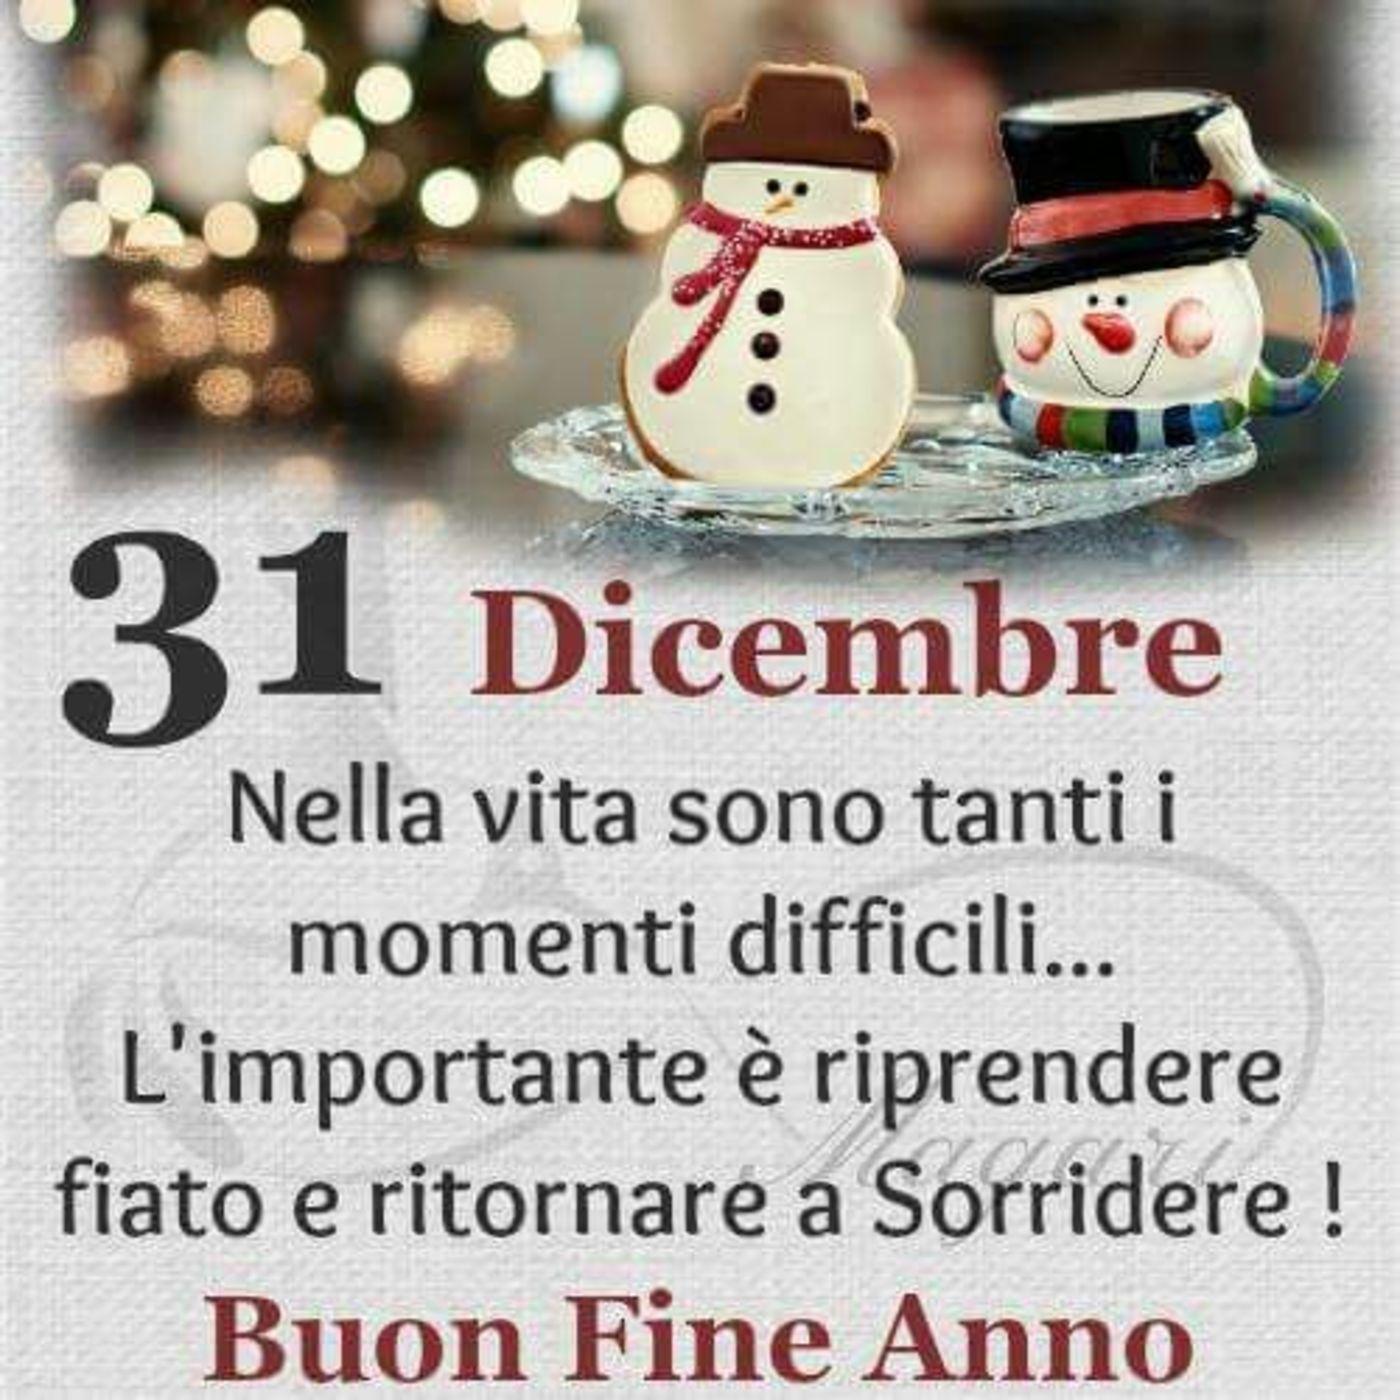 31 Dicembre immagini da mandare su WhatsApp e Facebook